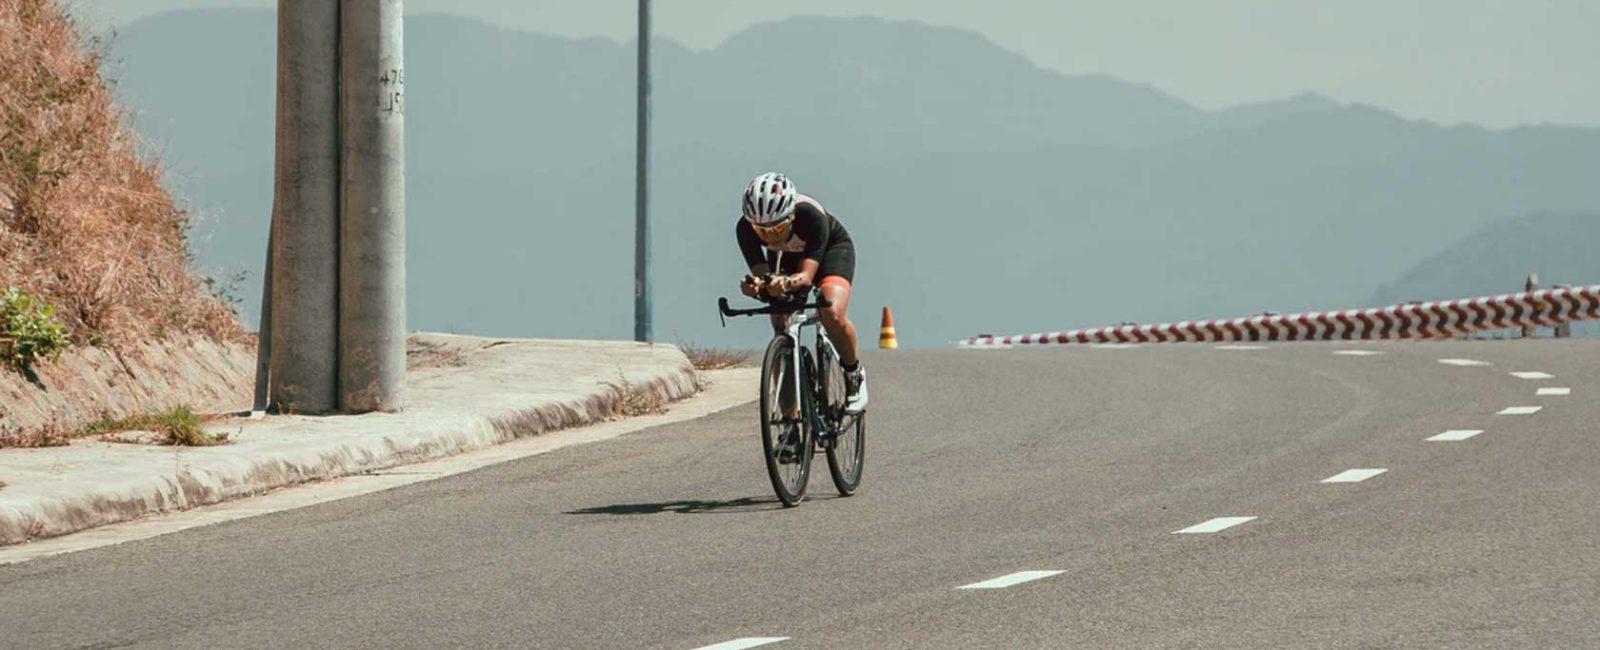 3 Entry-Level Triathlon Bikes